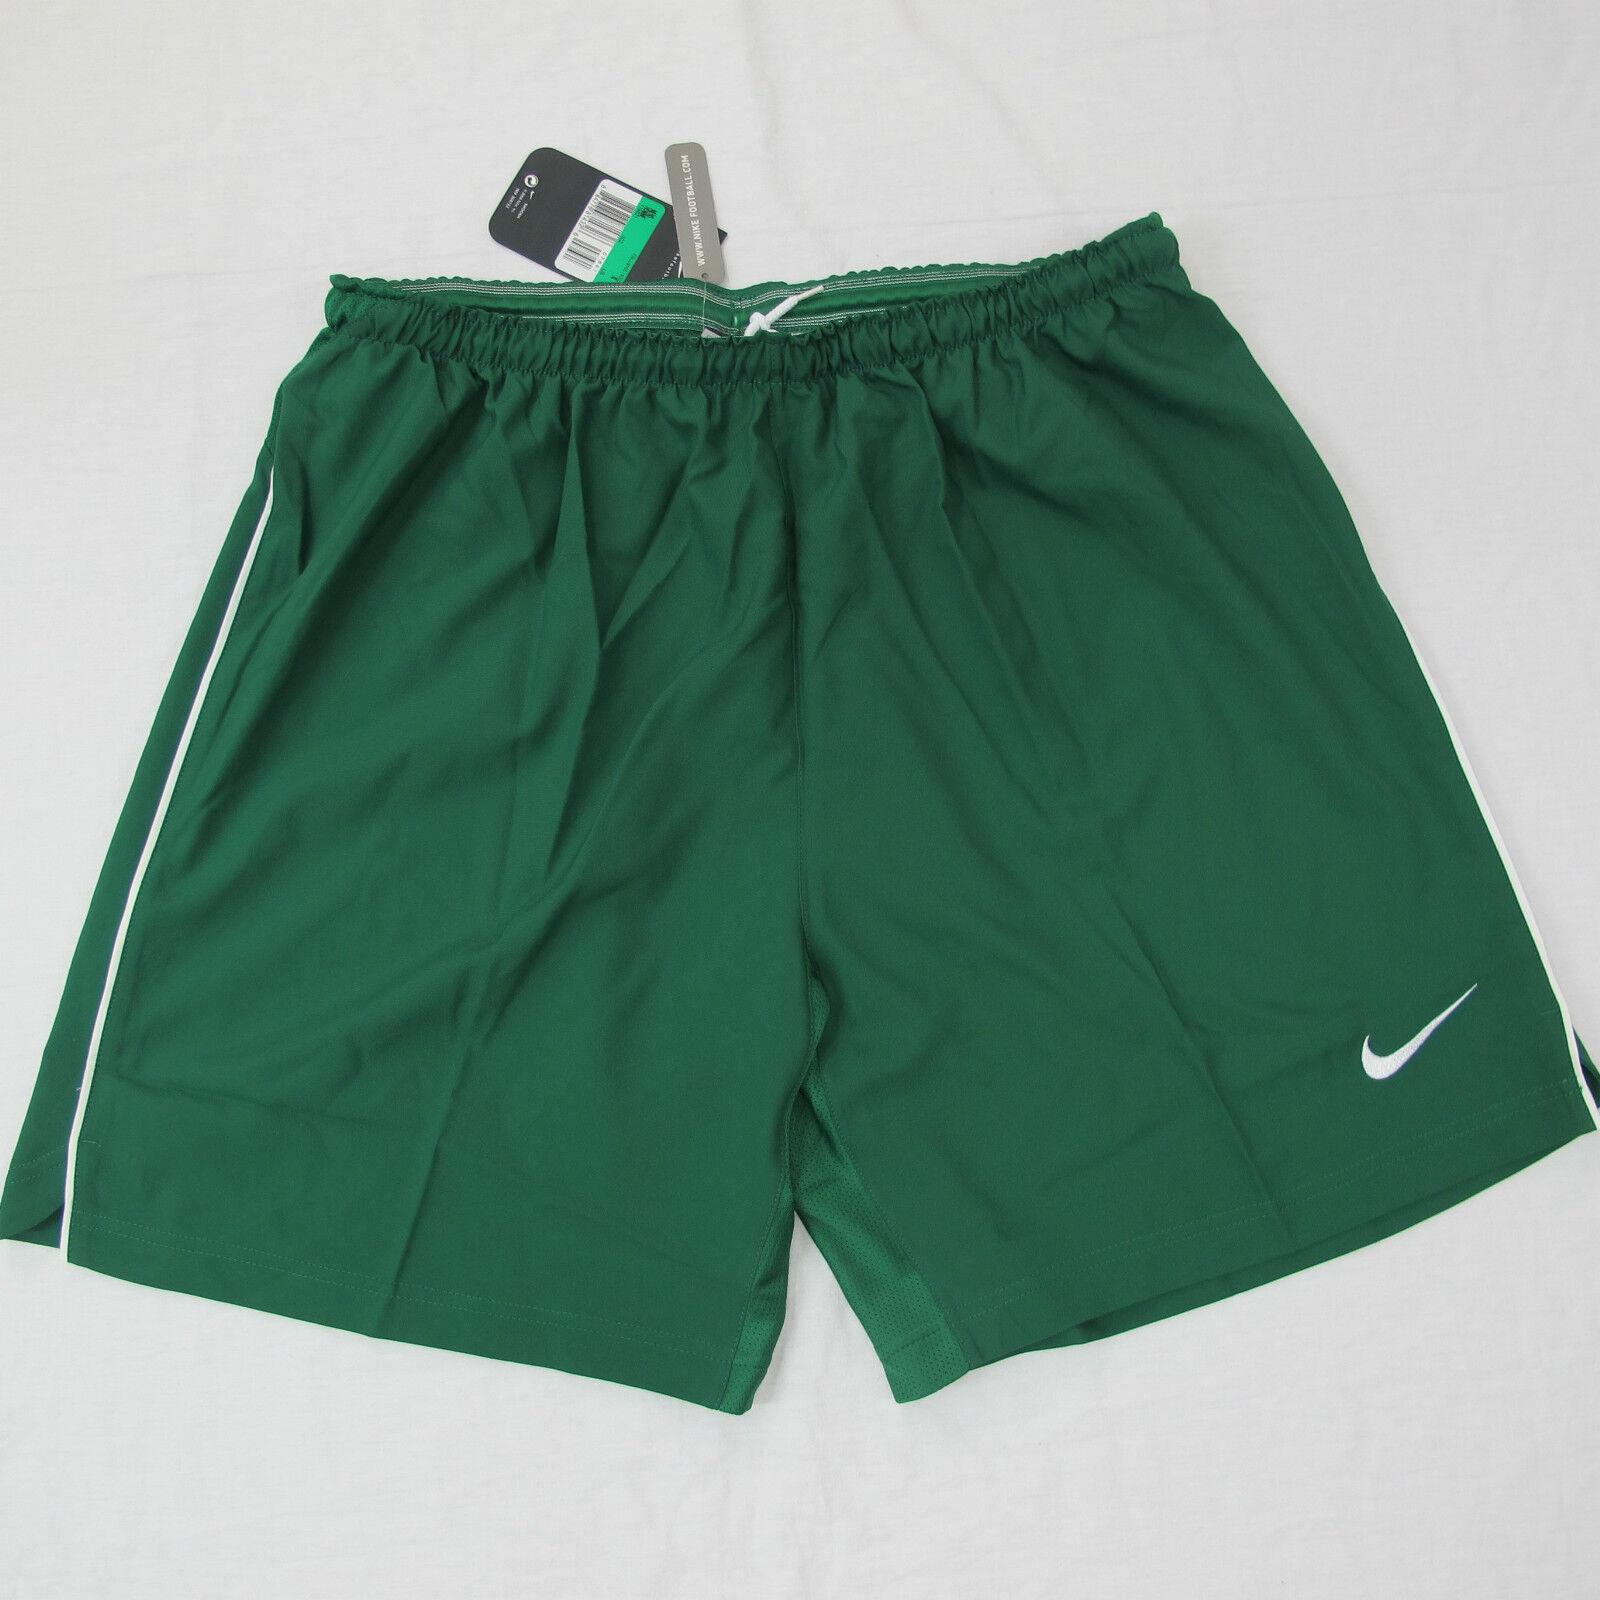 Nike Pantalones Cortos Fútbol   Microfibra  Mod.119821 Col.verde T.XL Juego De  a precios asequibles